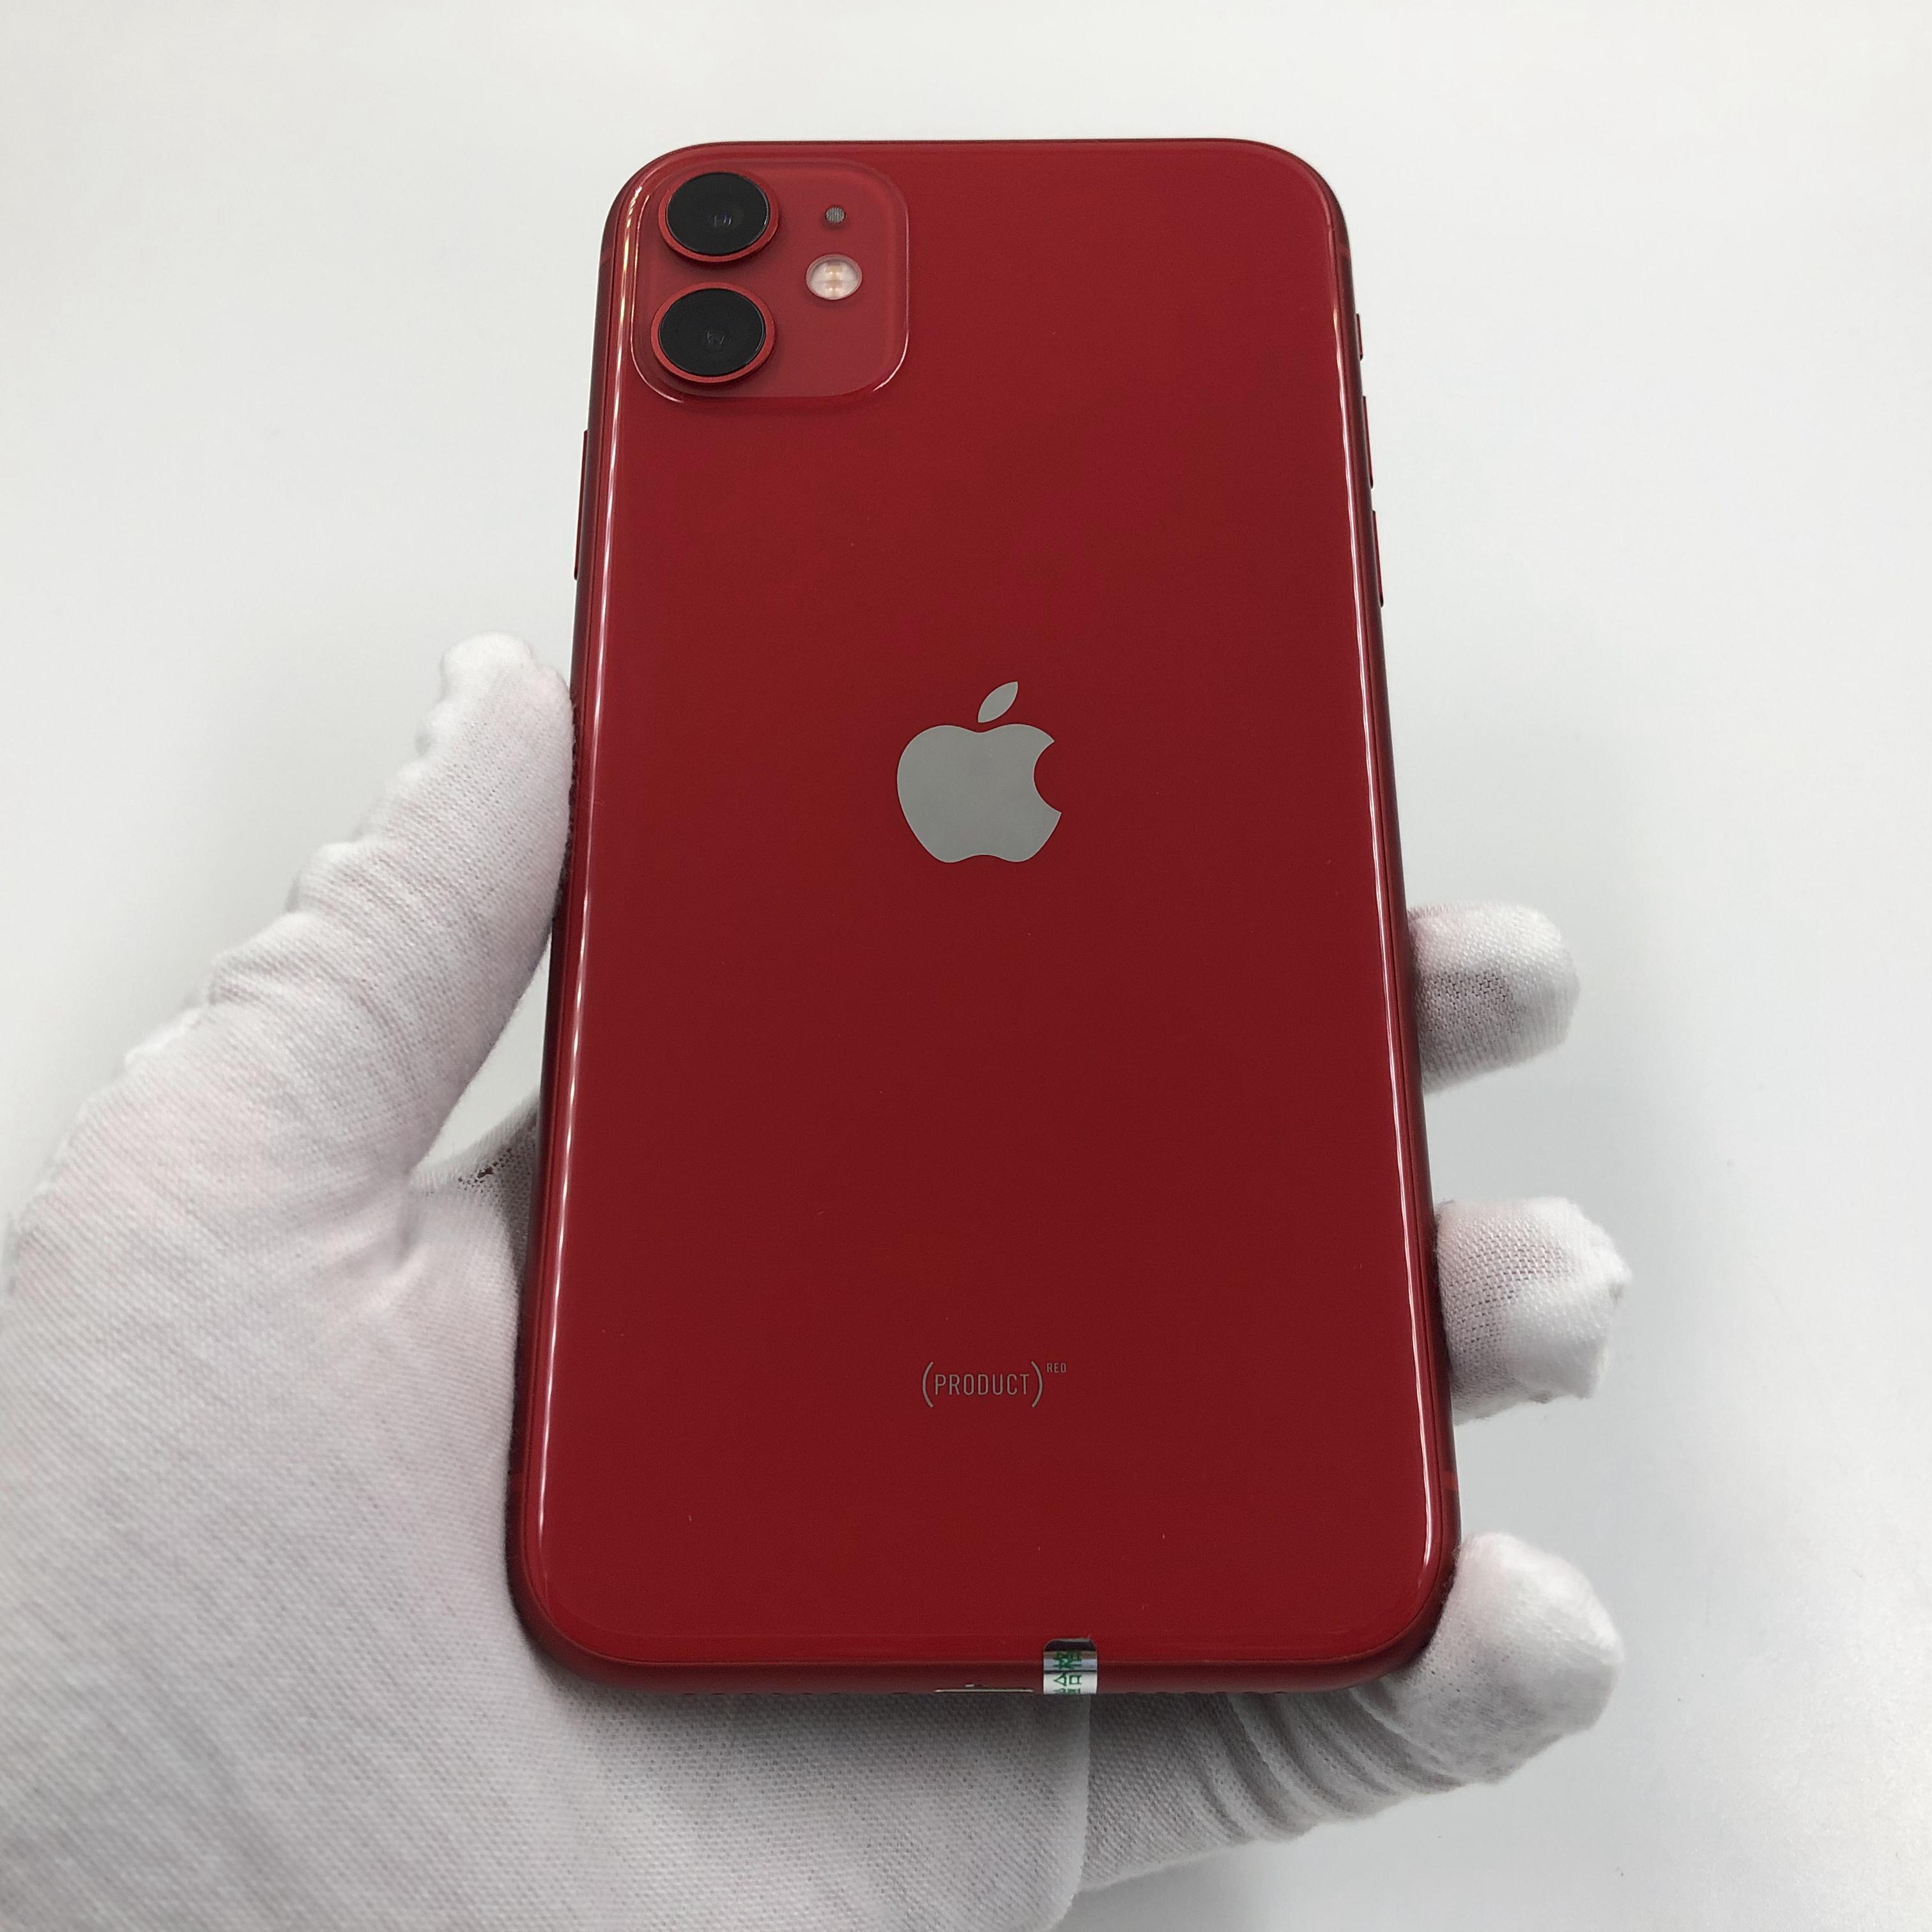 苹果【iPhone 11】4G全网通 红色 128G 国行 95新 真机实拍